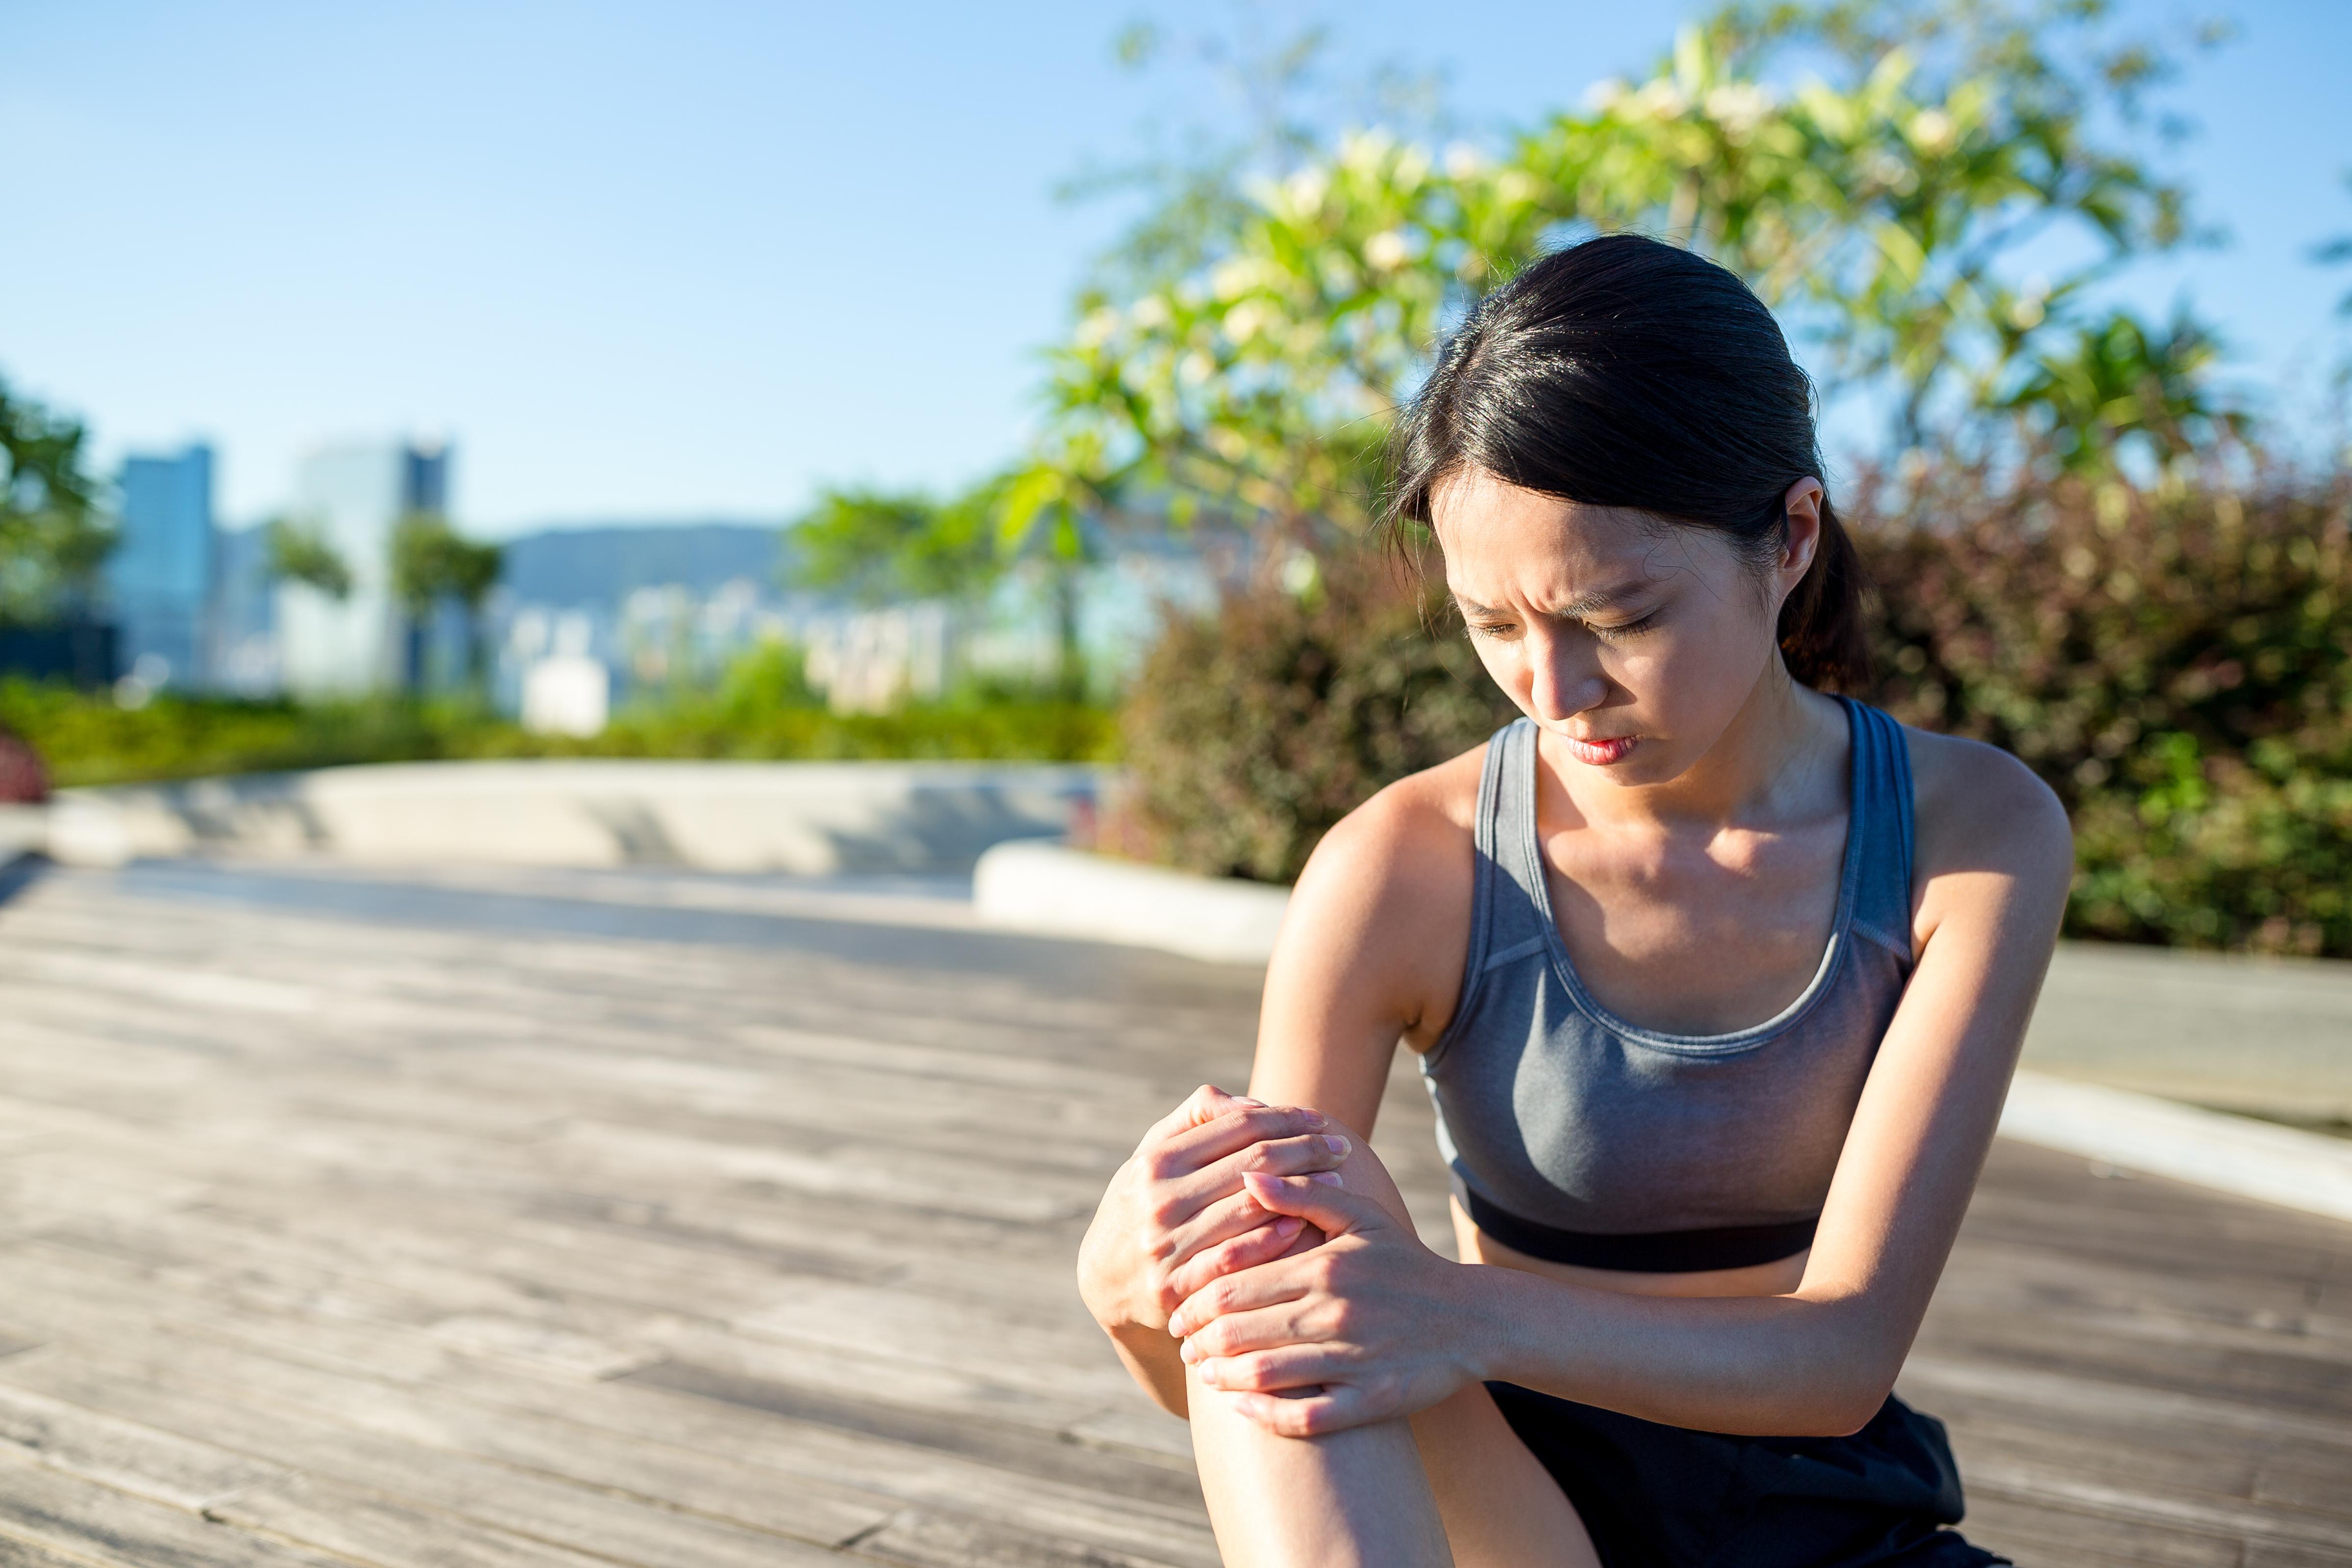 關節痛年輕化